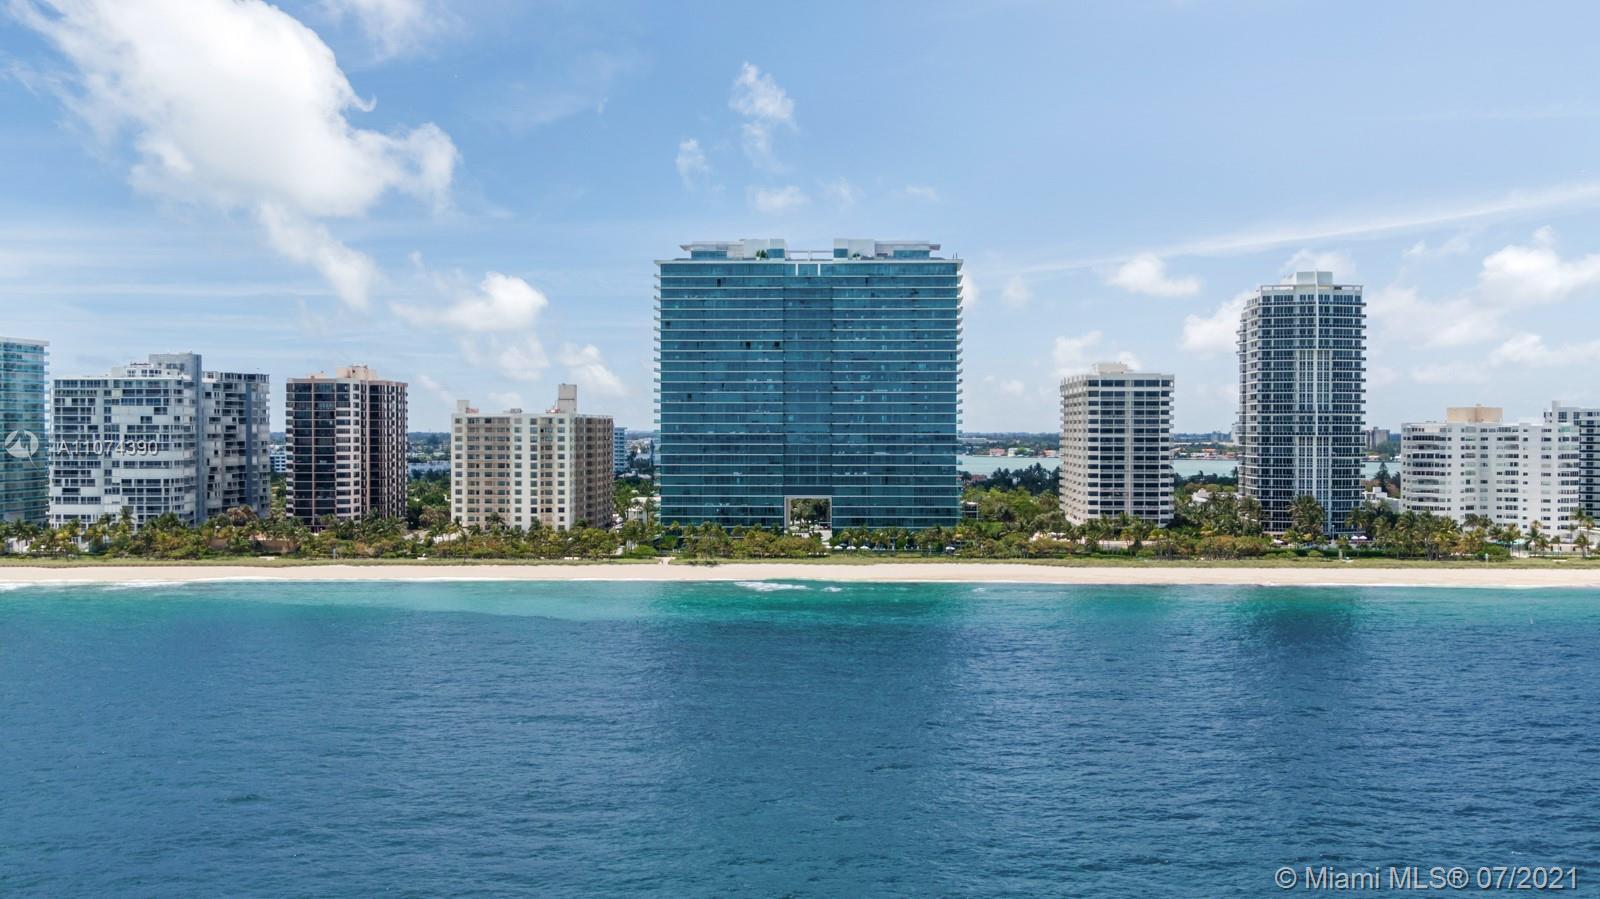 10203 Collins Ave Unit 1403, Bal Harbour, Florida 33154